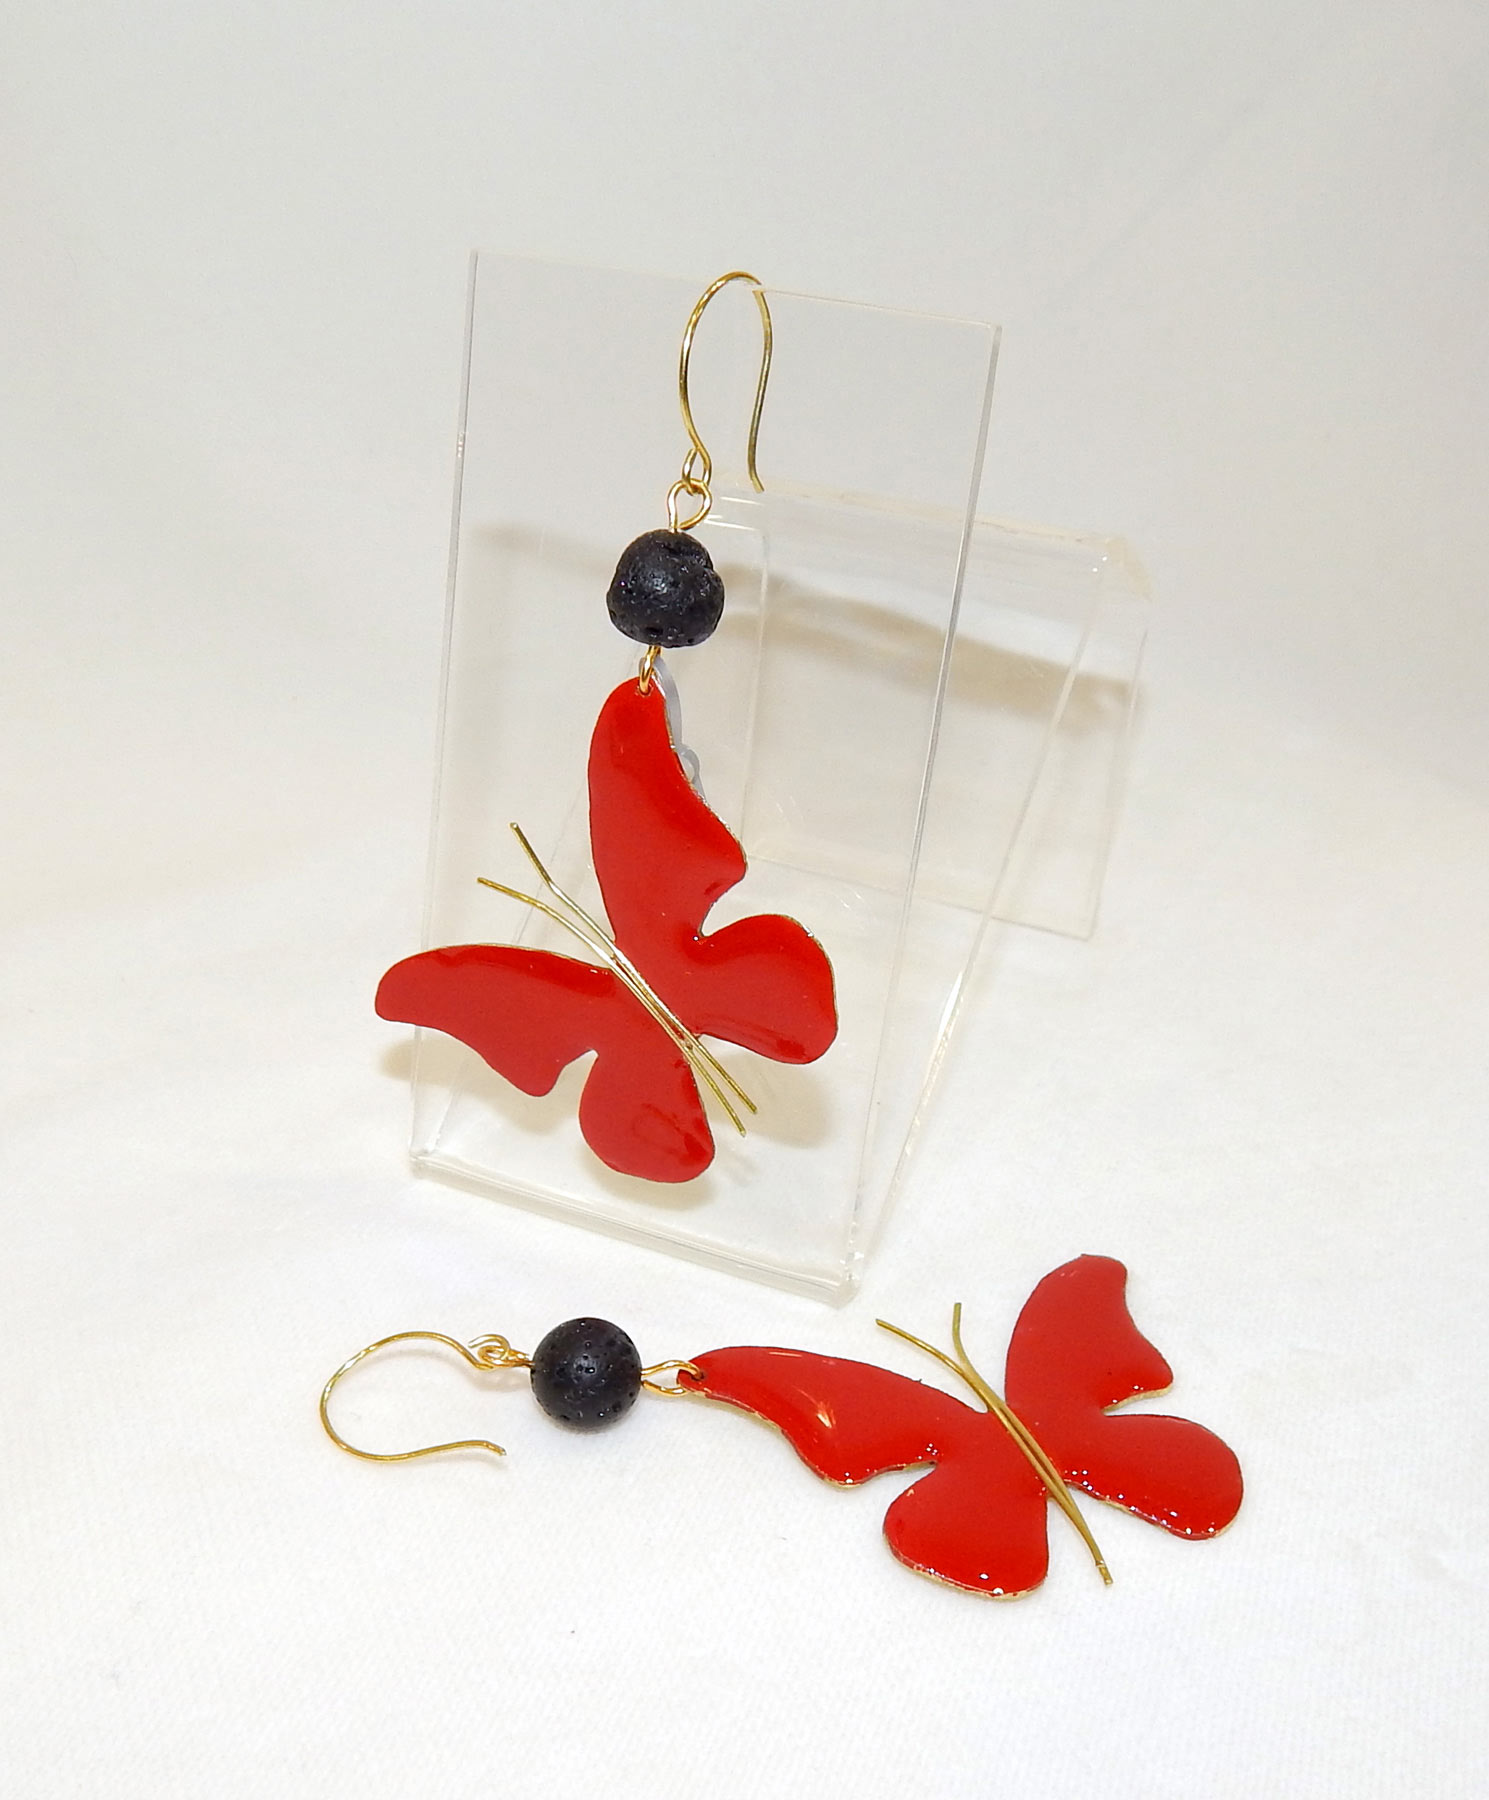 Σκουλαρίκια μακριά με κόκκινες πεταλούδες